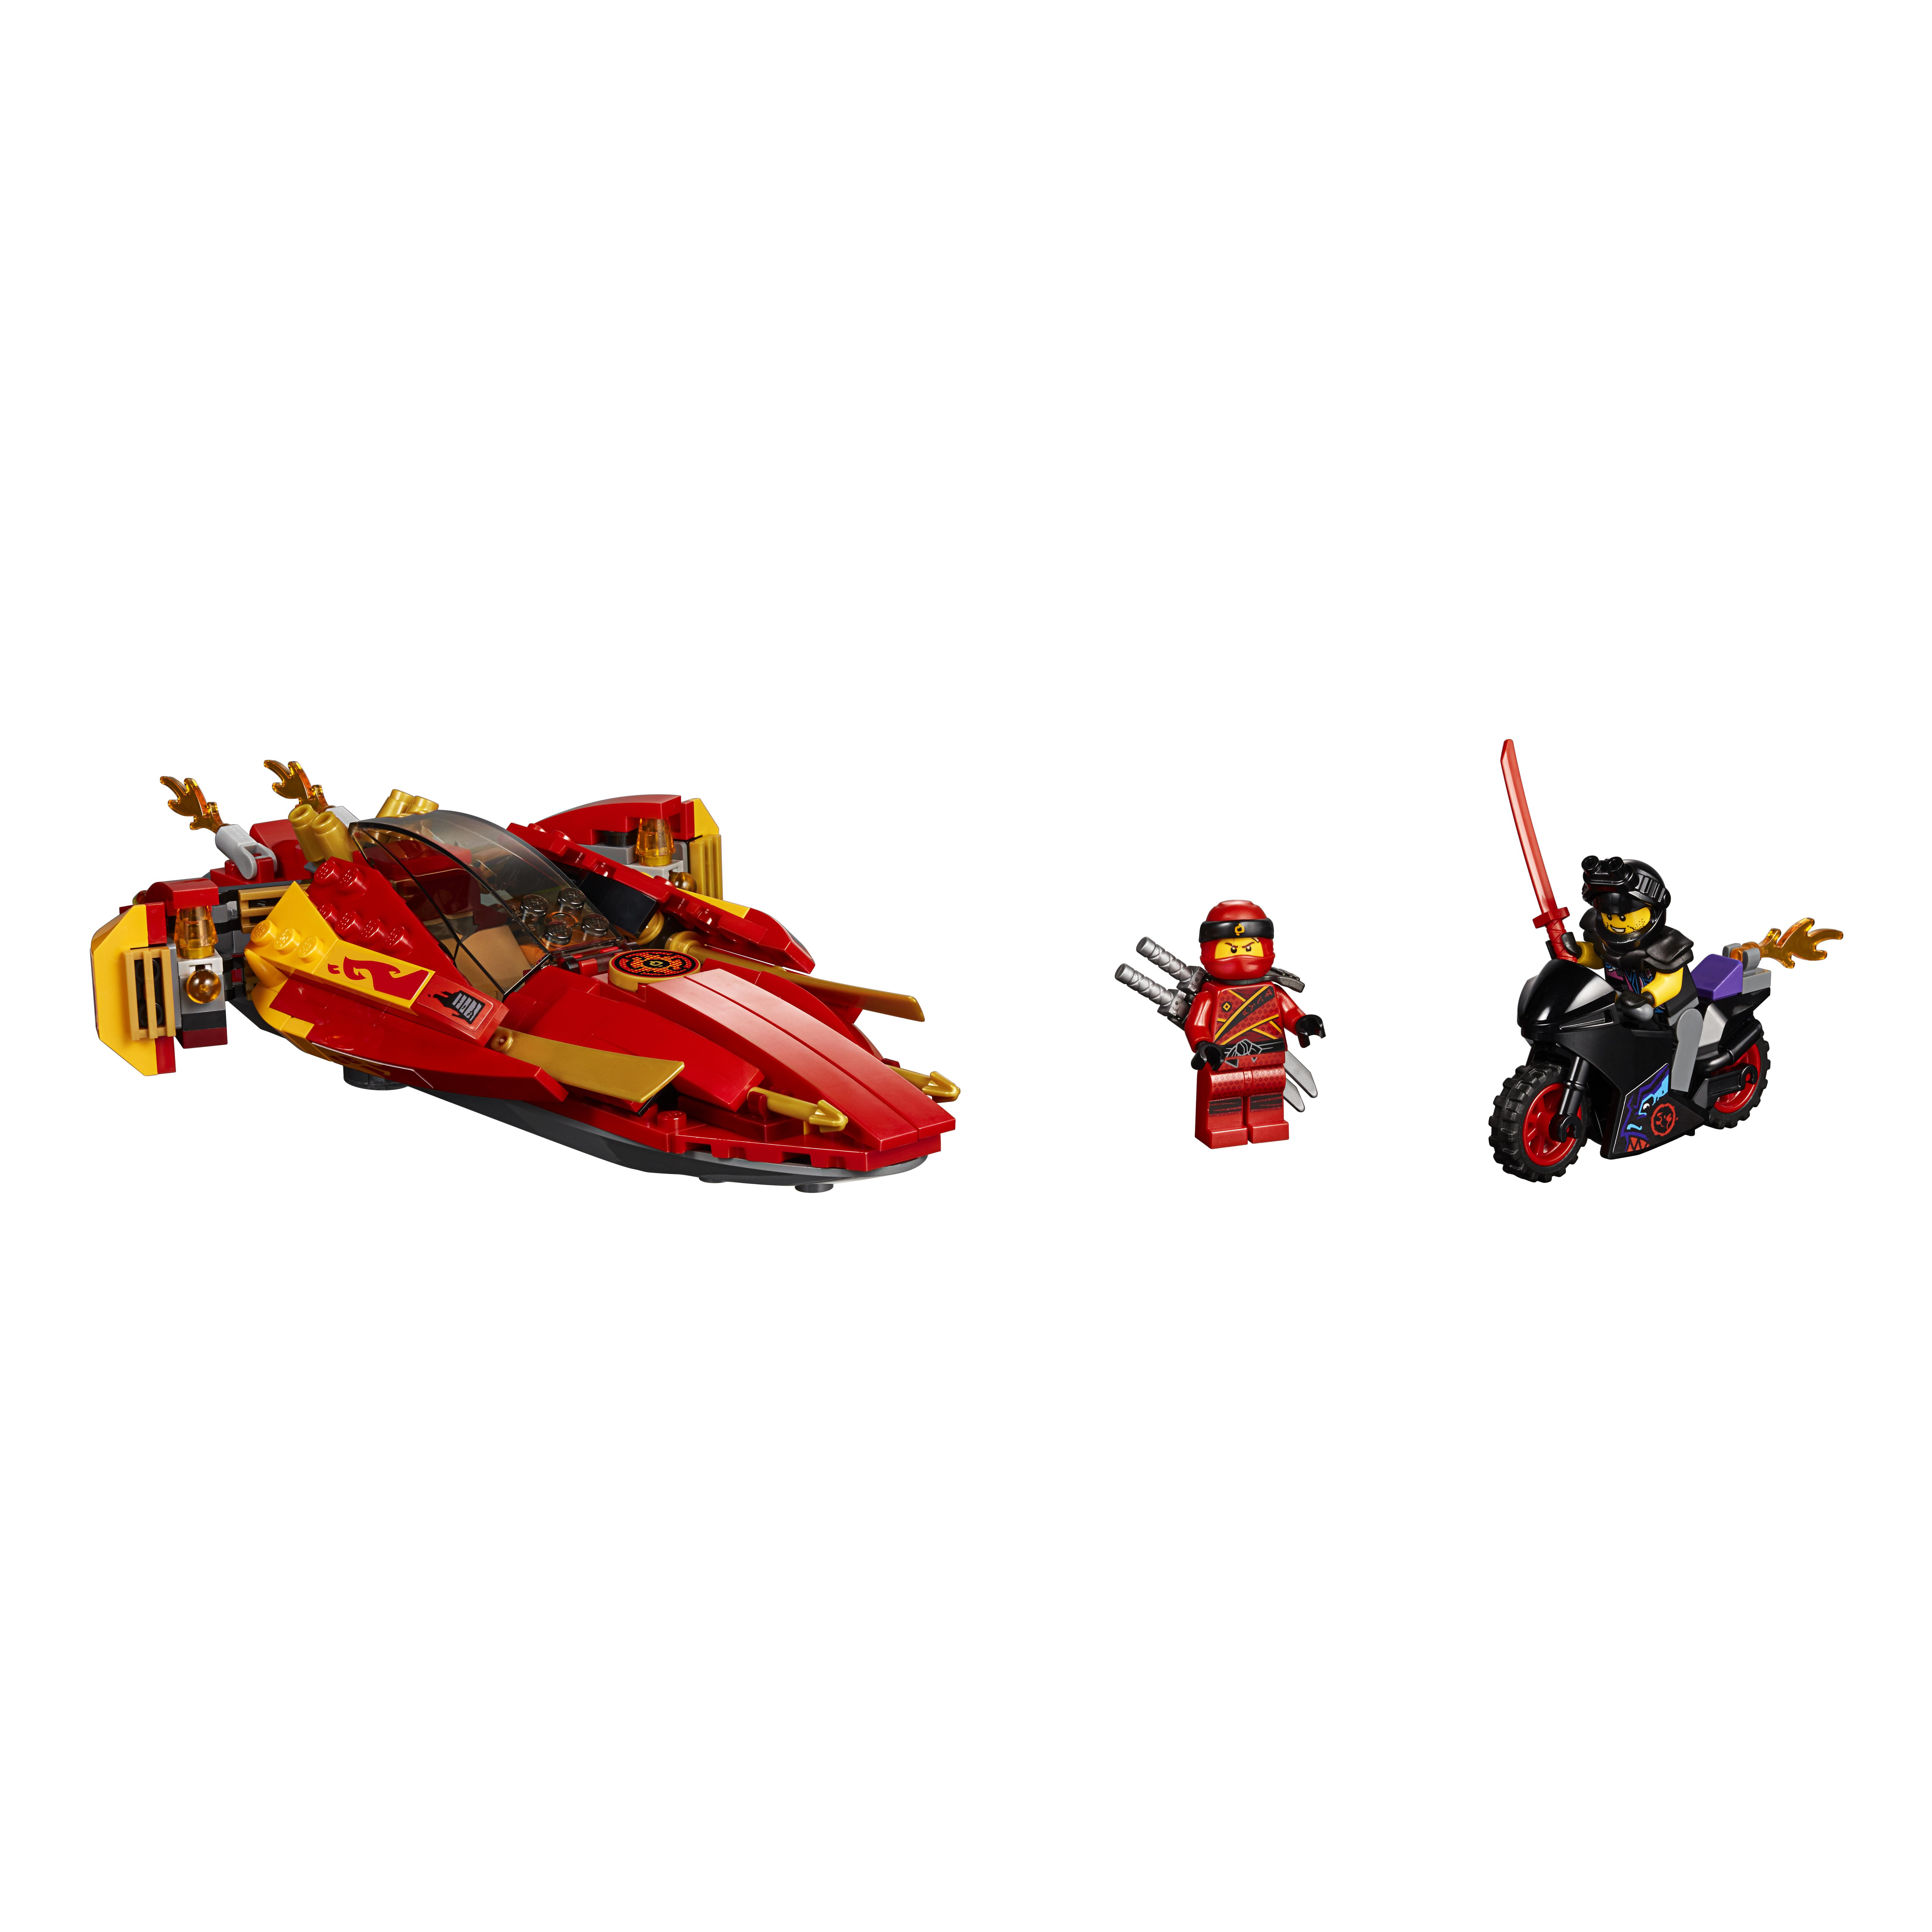 Купить Конструктор lego ninjago катана v11 (70638), Конструктор LEGO Ninjago Катана V11 (70638)